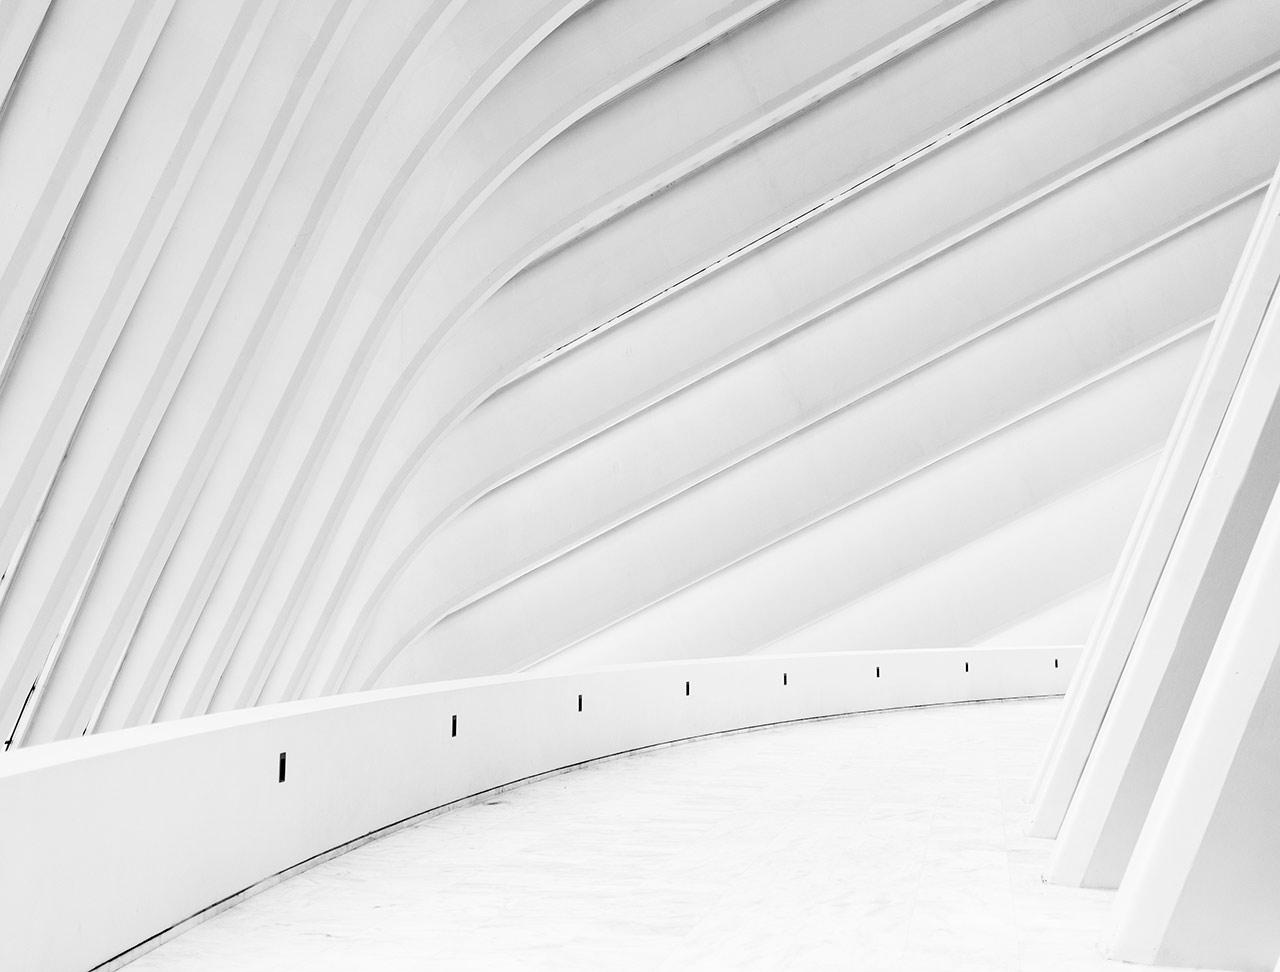 fotografías de arquitectura caltrava oviedo fotos